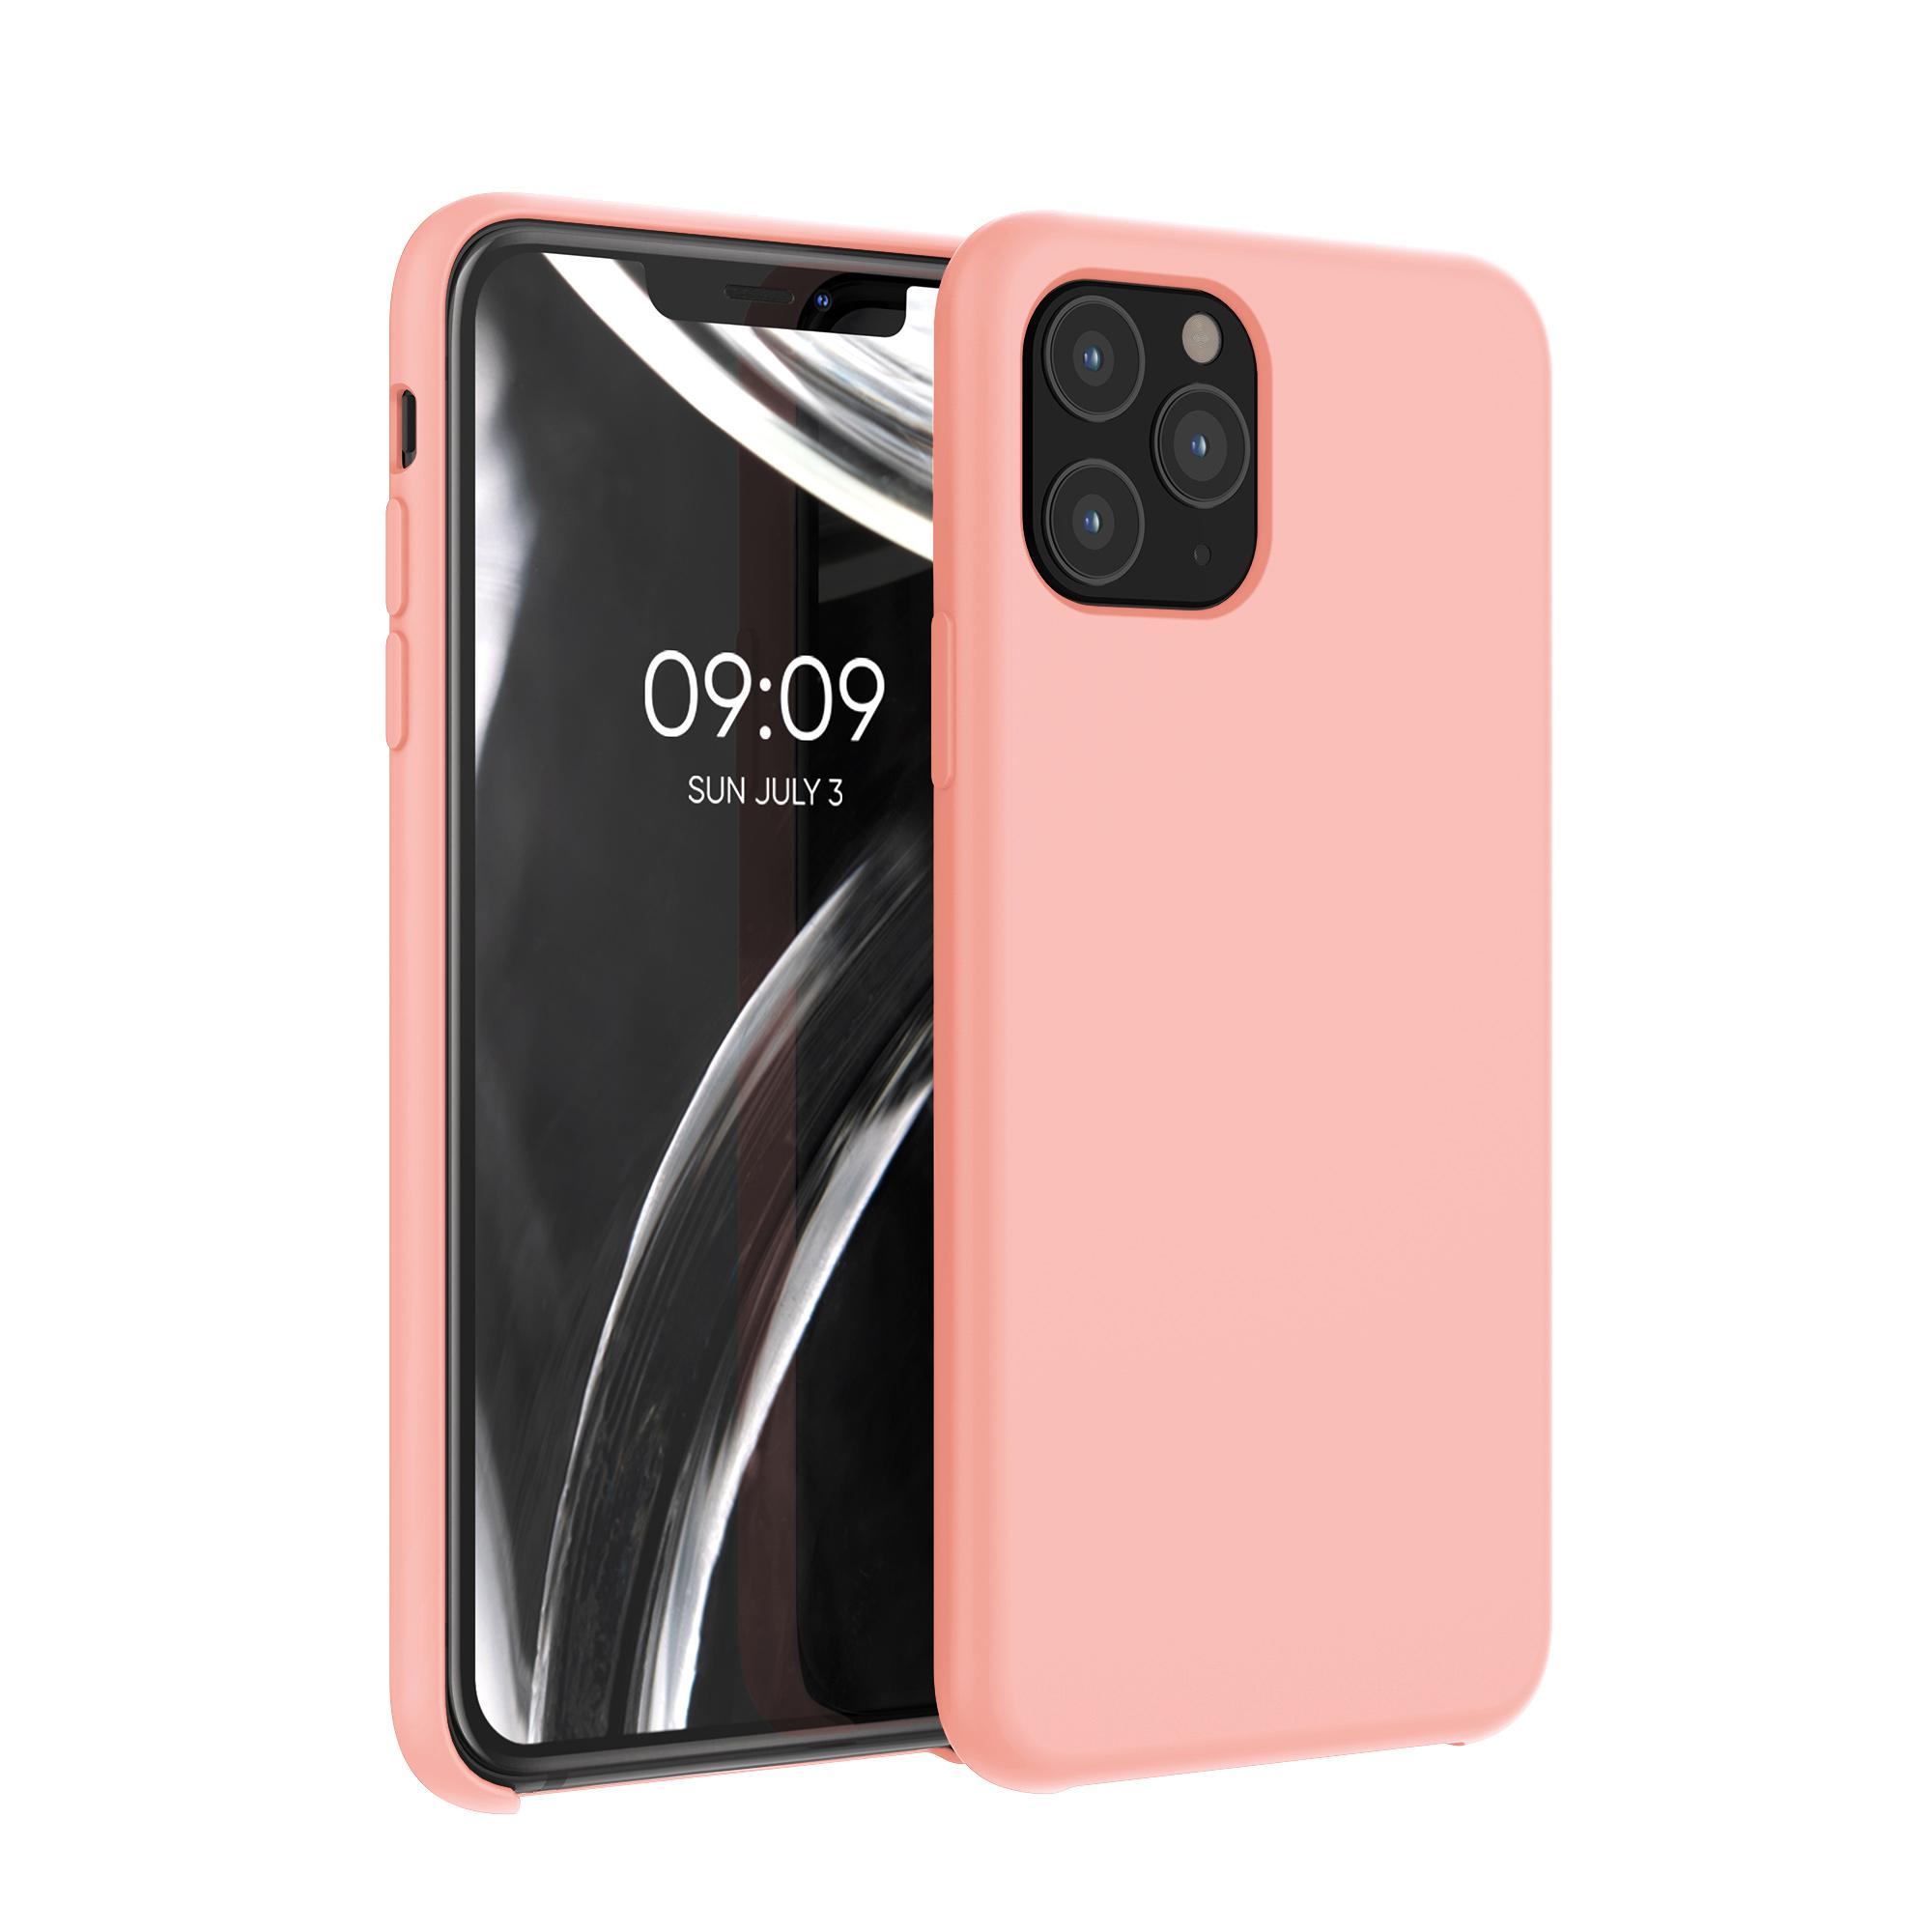 Kvalitní silikonové TPU pouzdro pro Apple iPhone 11 Pro - grapefruit Růžový